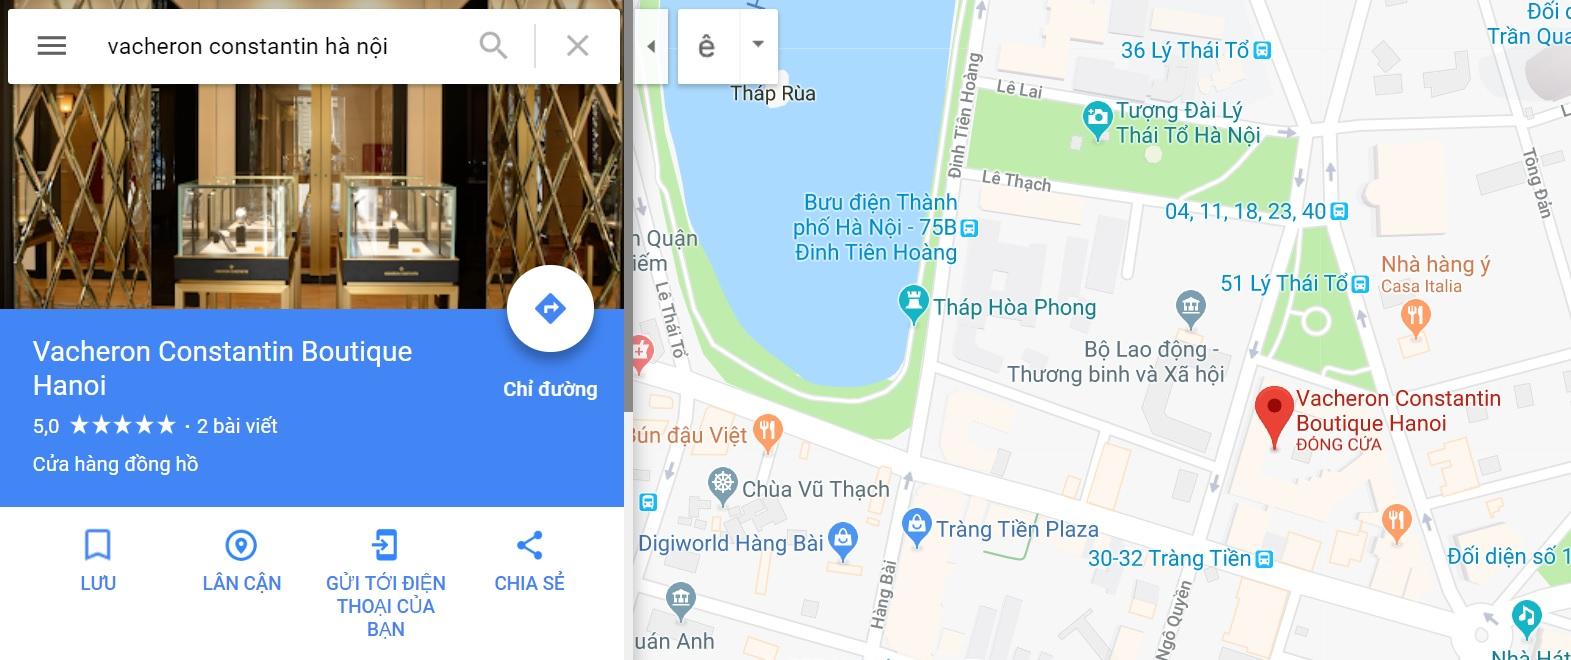 Thương_hiệu_đồng_hồ_Vacheron_Constantin_tại_Việt_Nam